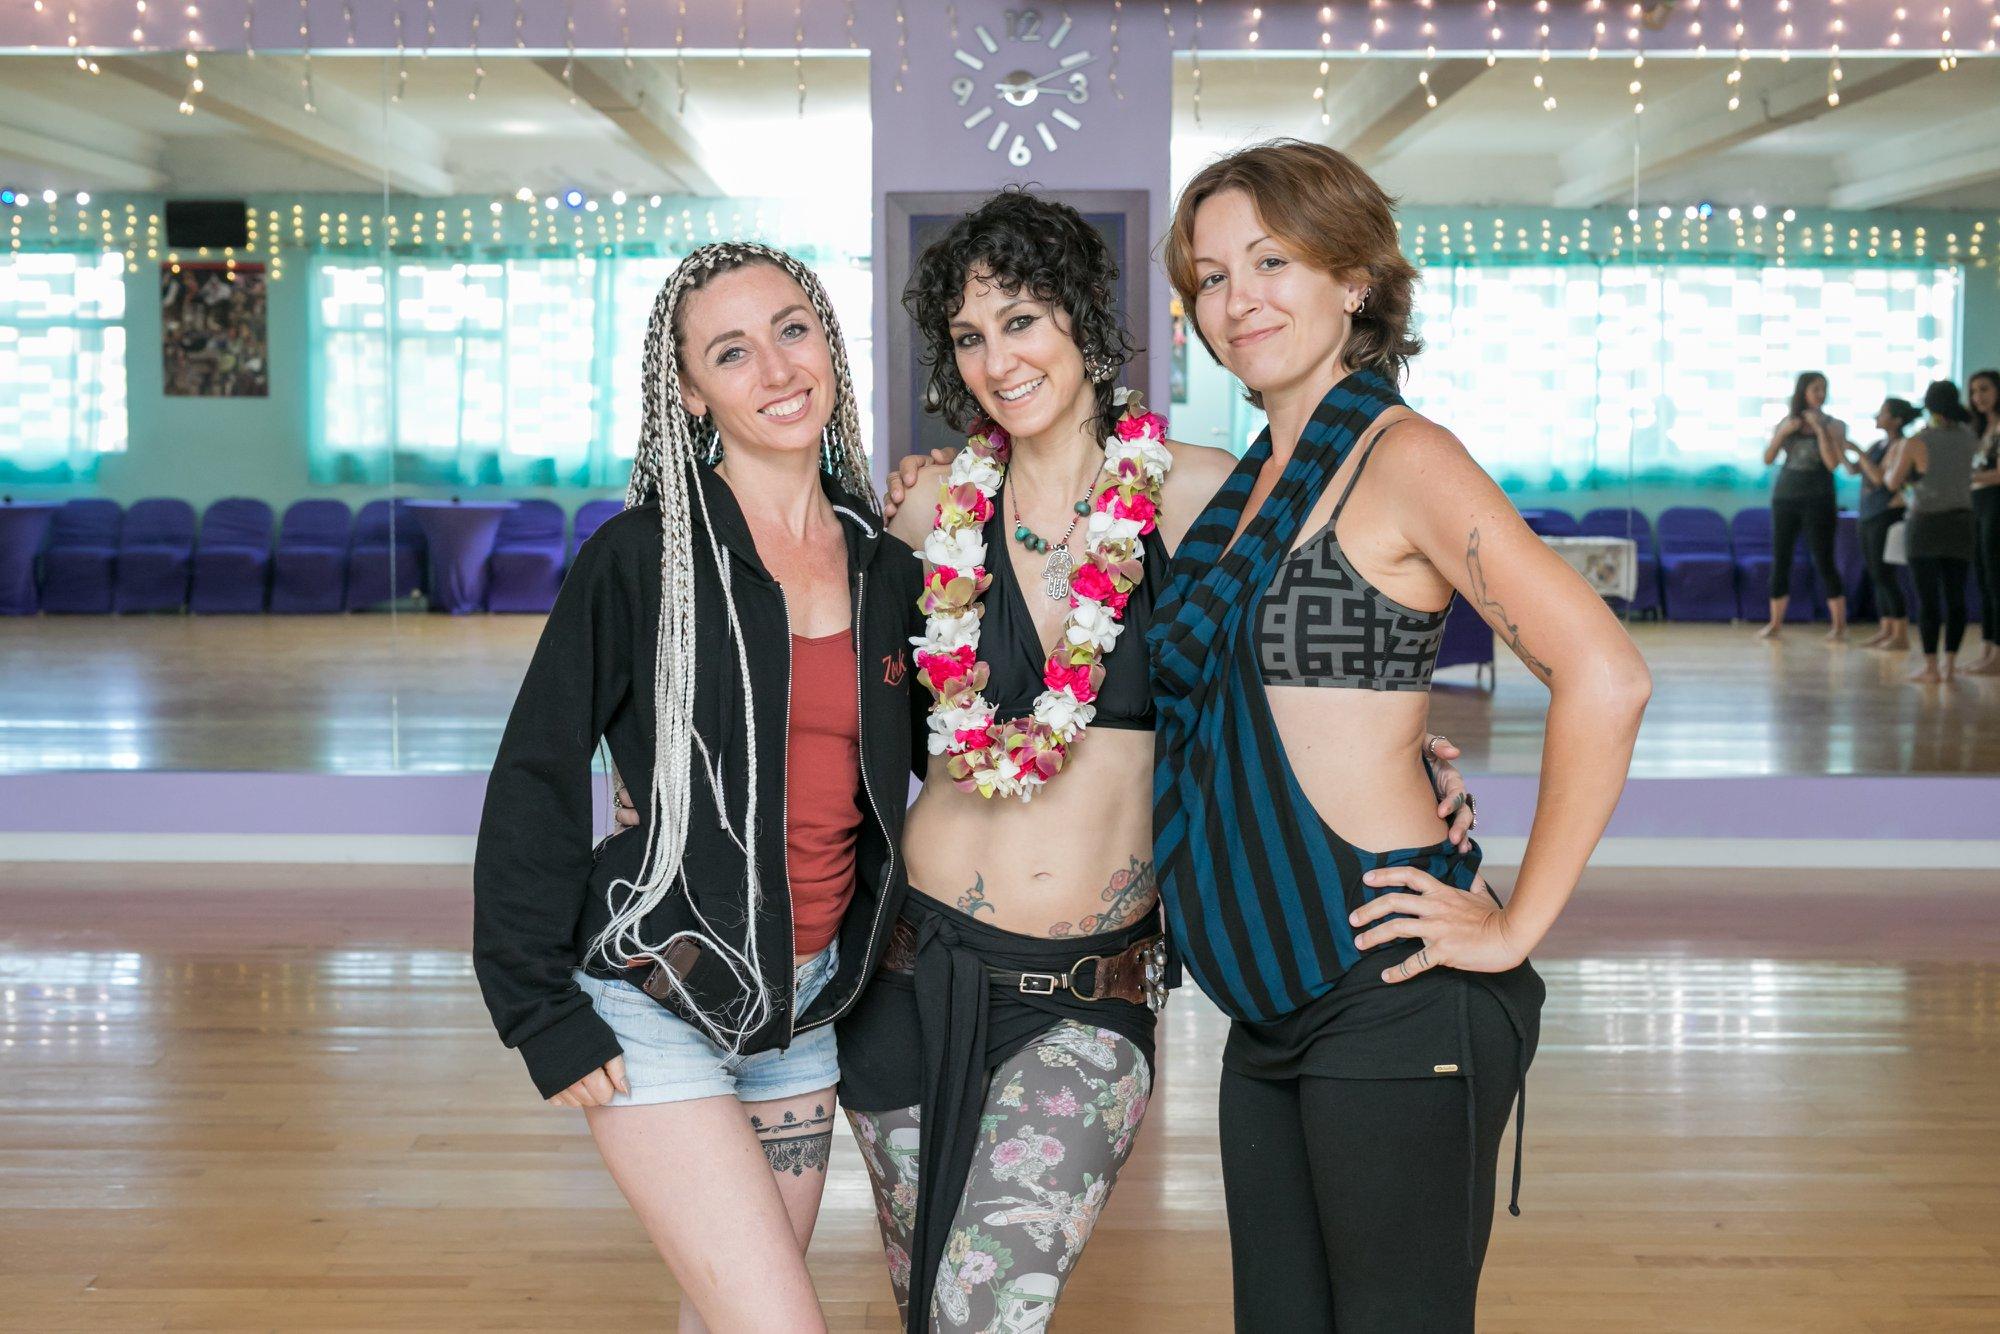 Stephanie Bolton, Rachel Brice, and Aly Kat